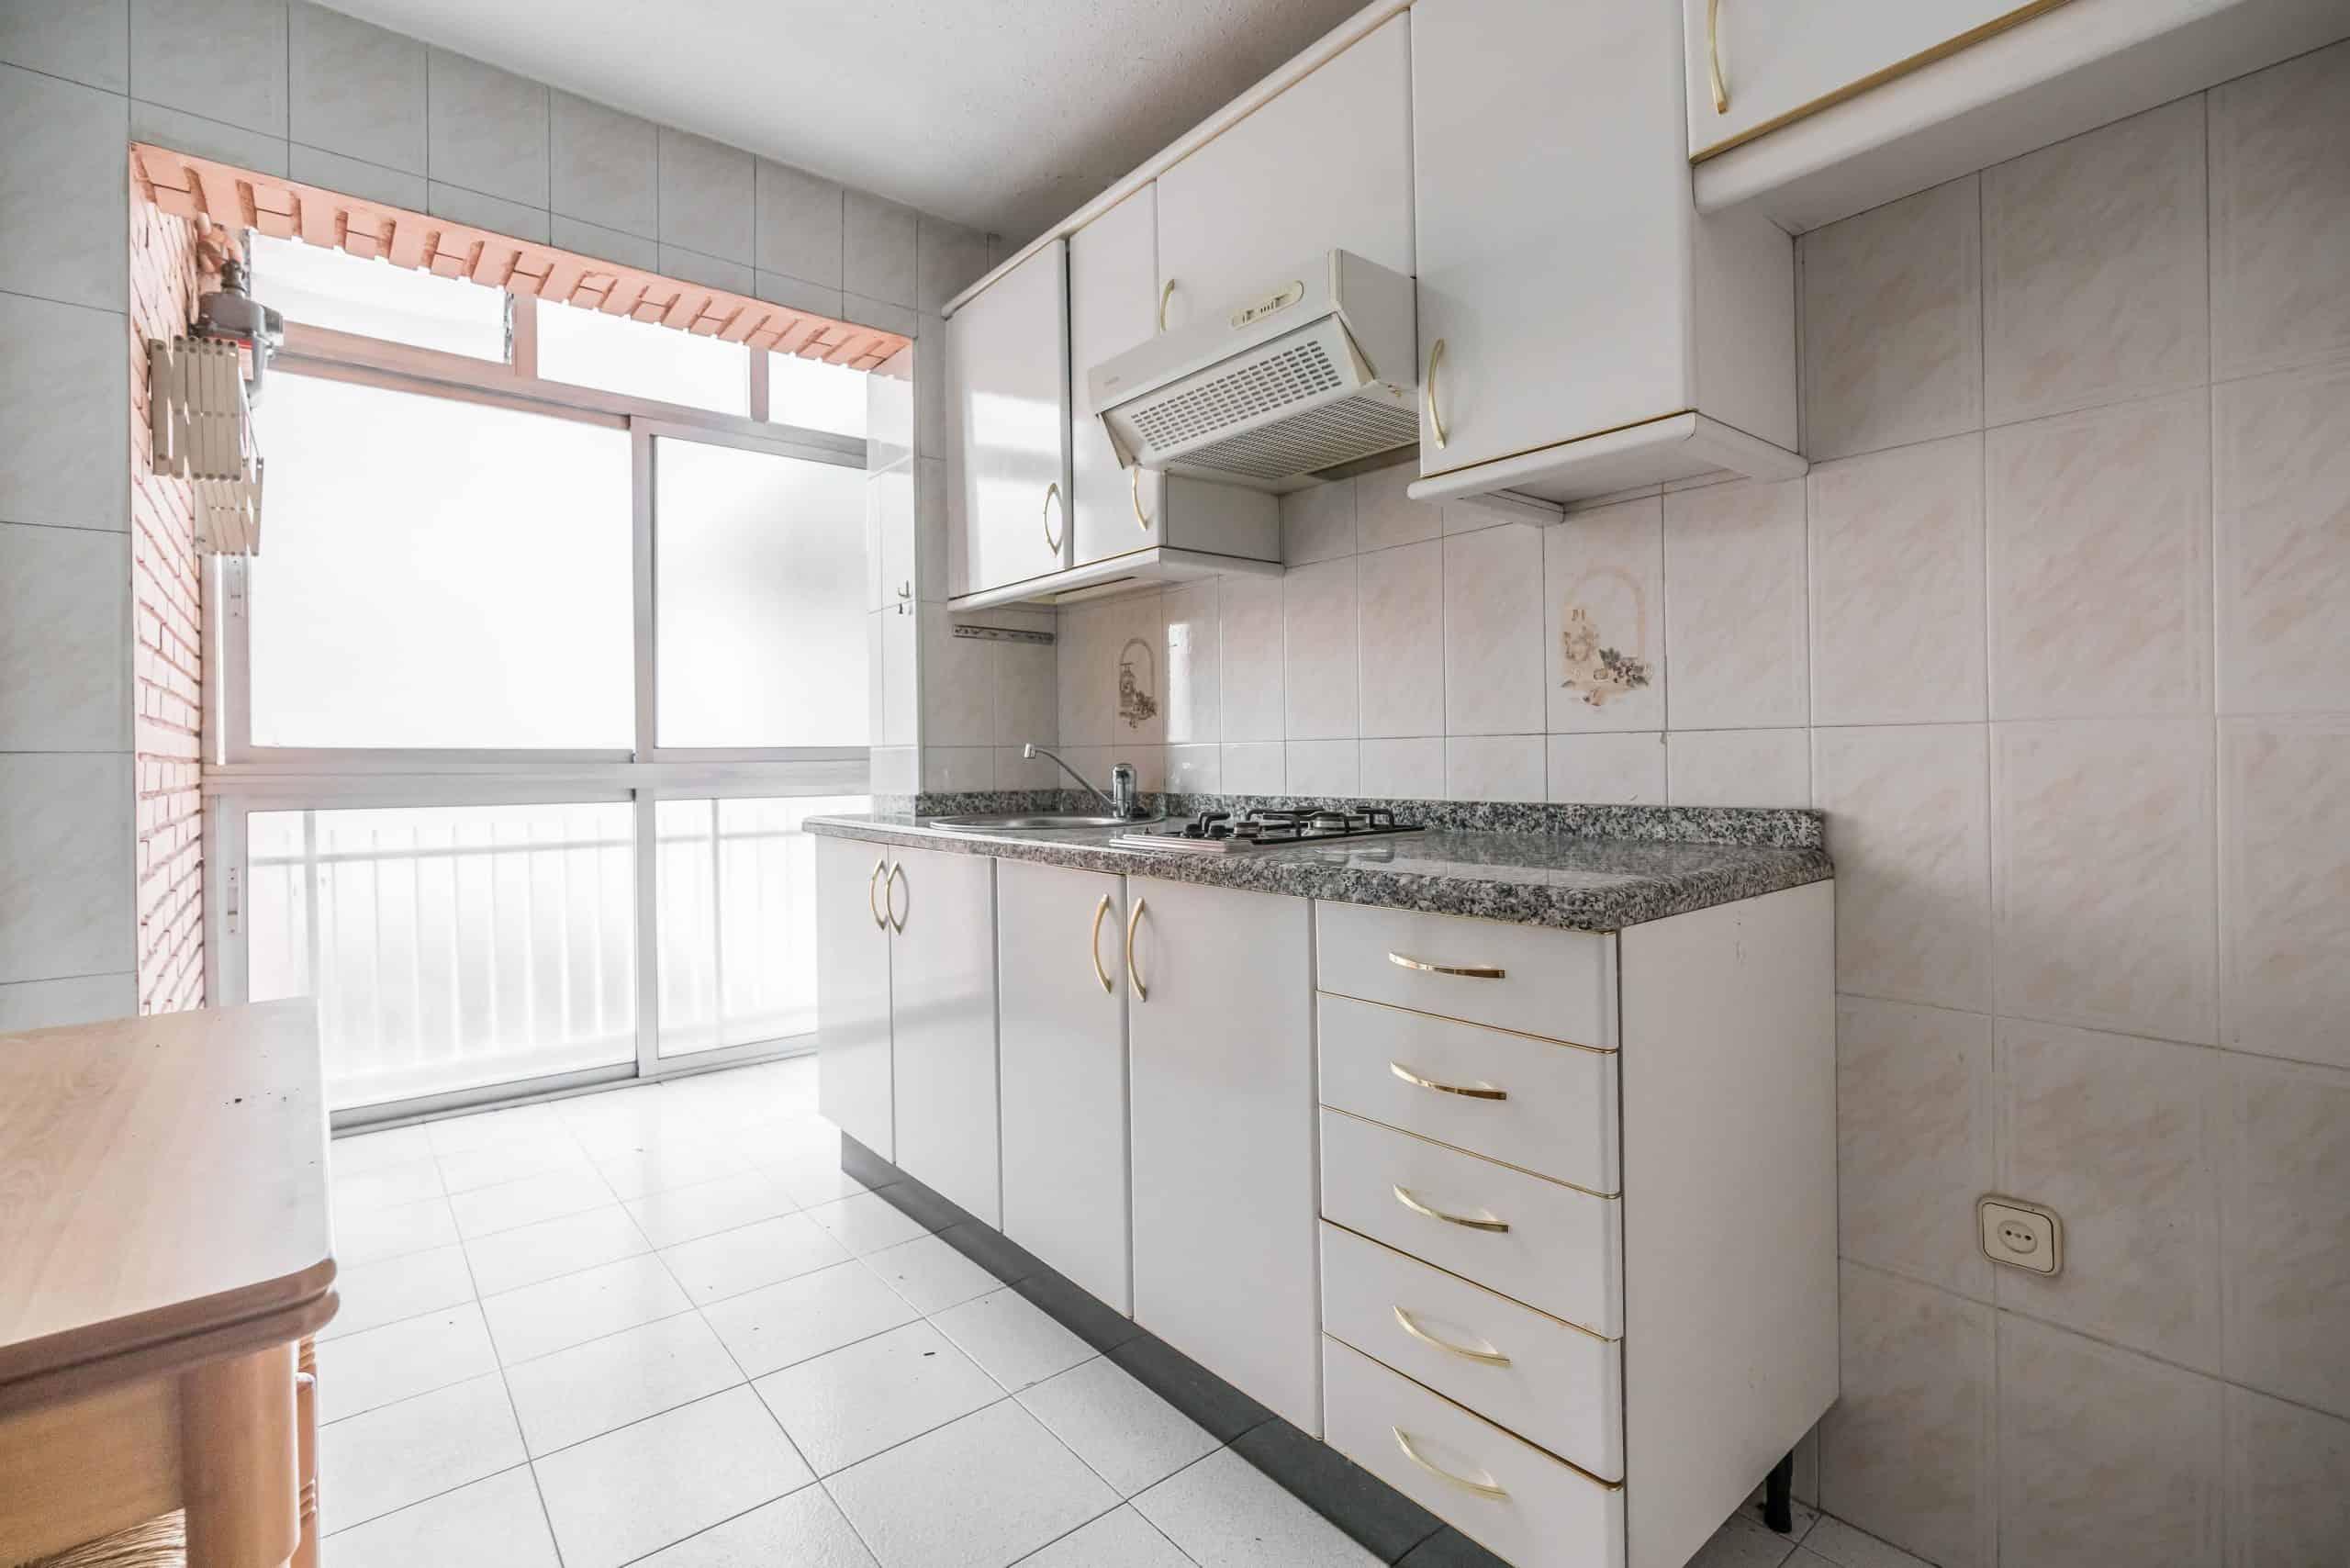 Agencia Inmobiliaria de Madrid-FUTUROCASA-Zona ARGANZUELA-LEGAZPI -calle Jaime Conquistador 48- Cocina 1